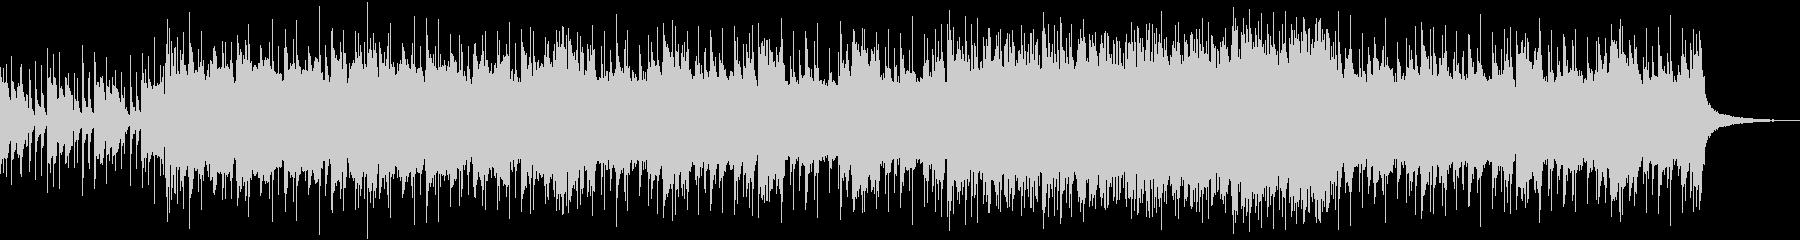 洋館・悪魔降臨・シンフォニックなメタルの未再生の波形